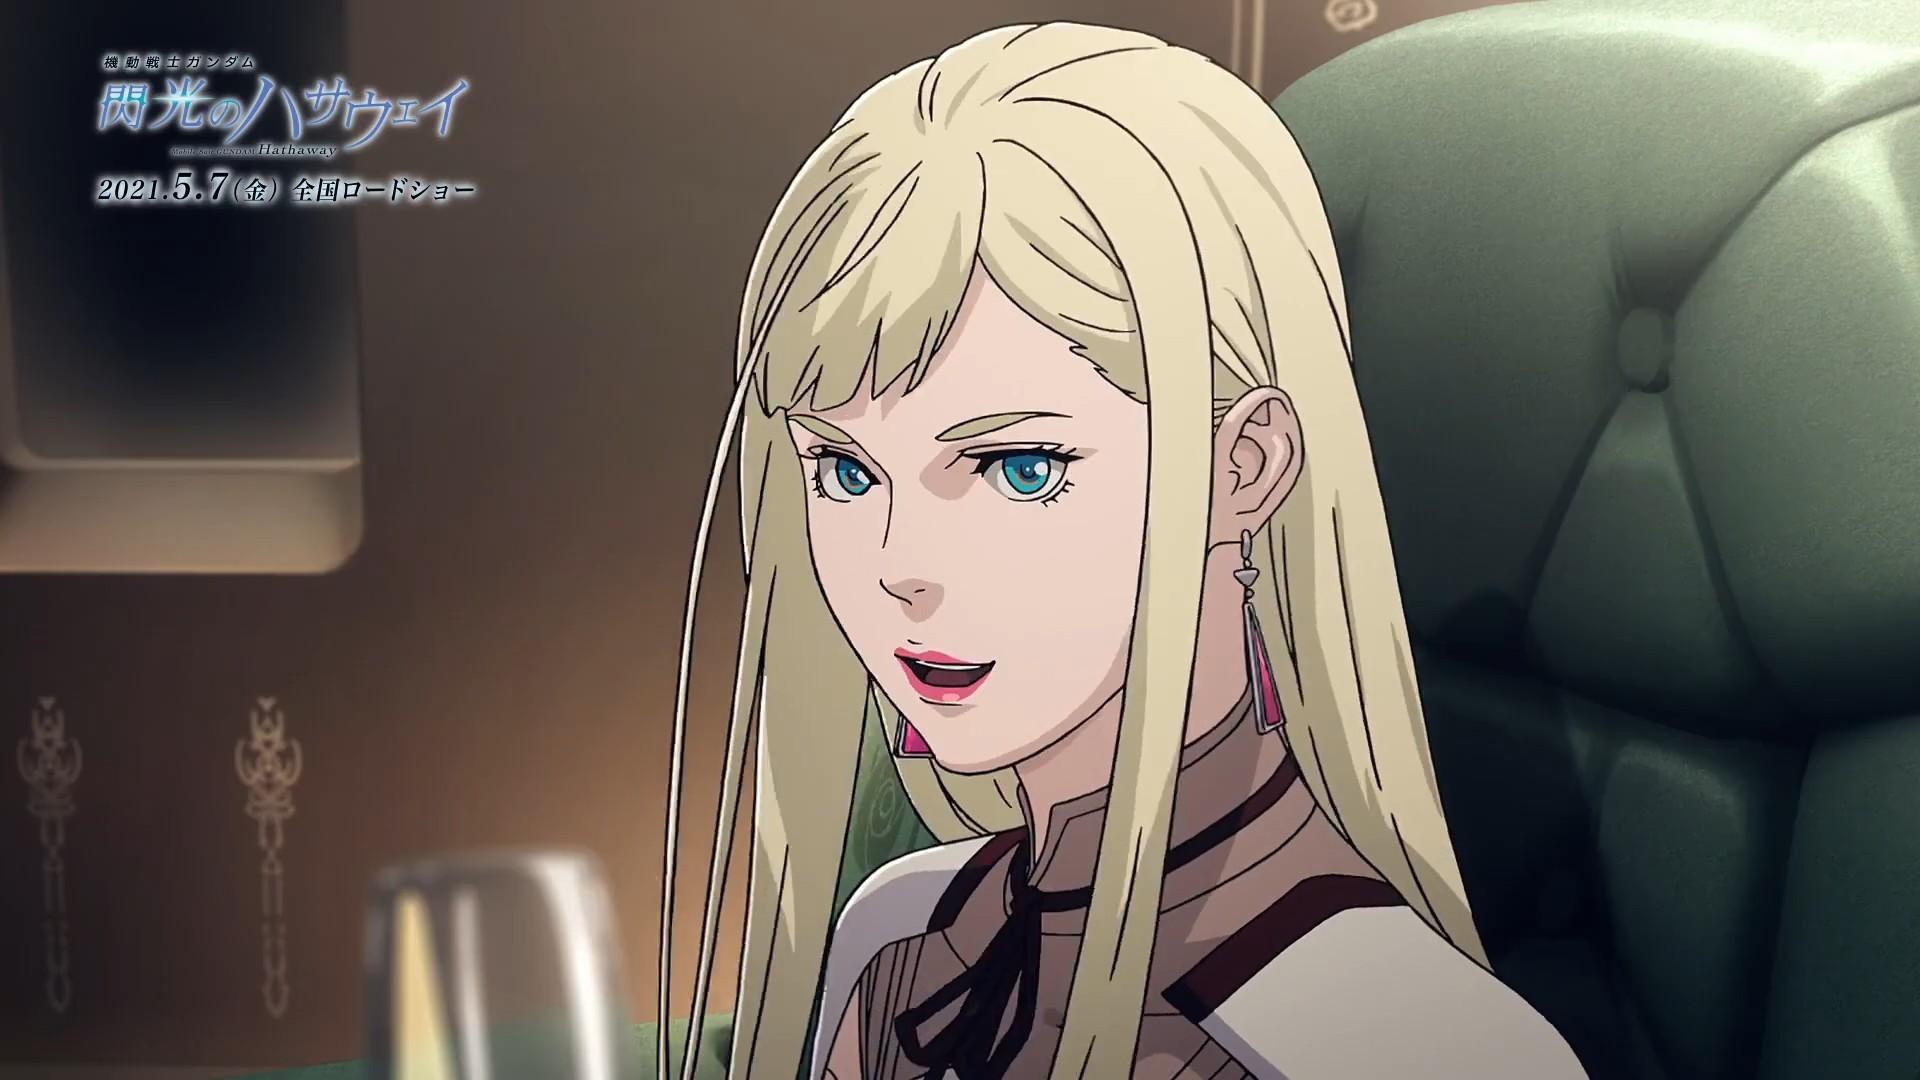 【动漫情报】动画电影《机动战士高达 闪光的哈萨维》新预告公开,5月7日上映